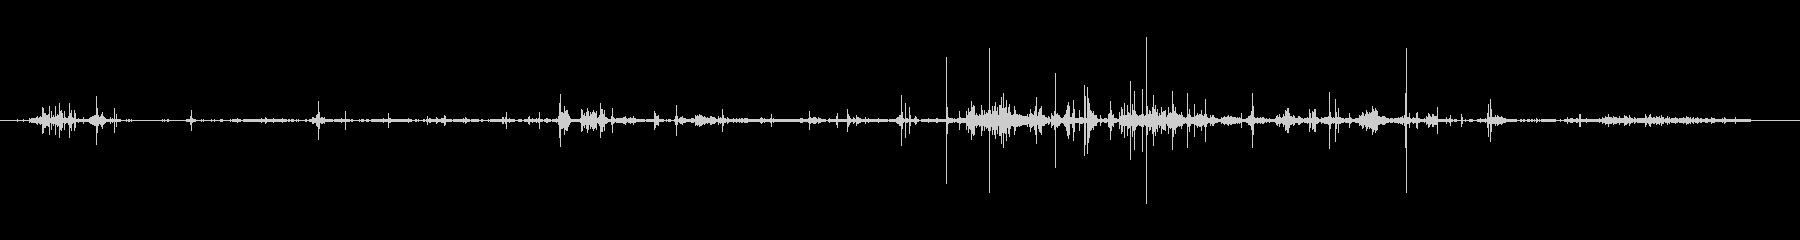 葉 ラッスルシーケンス01の未再生の波形